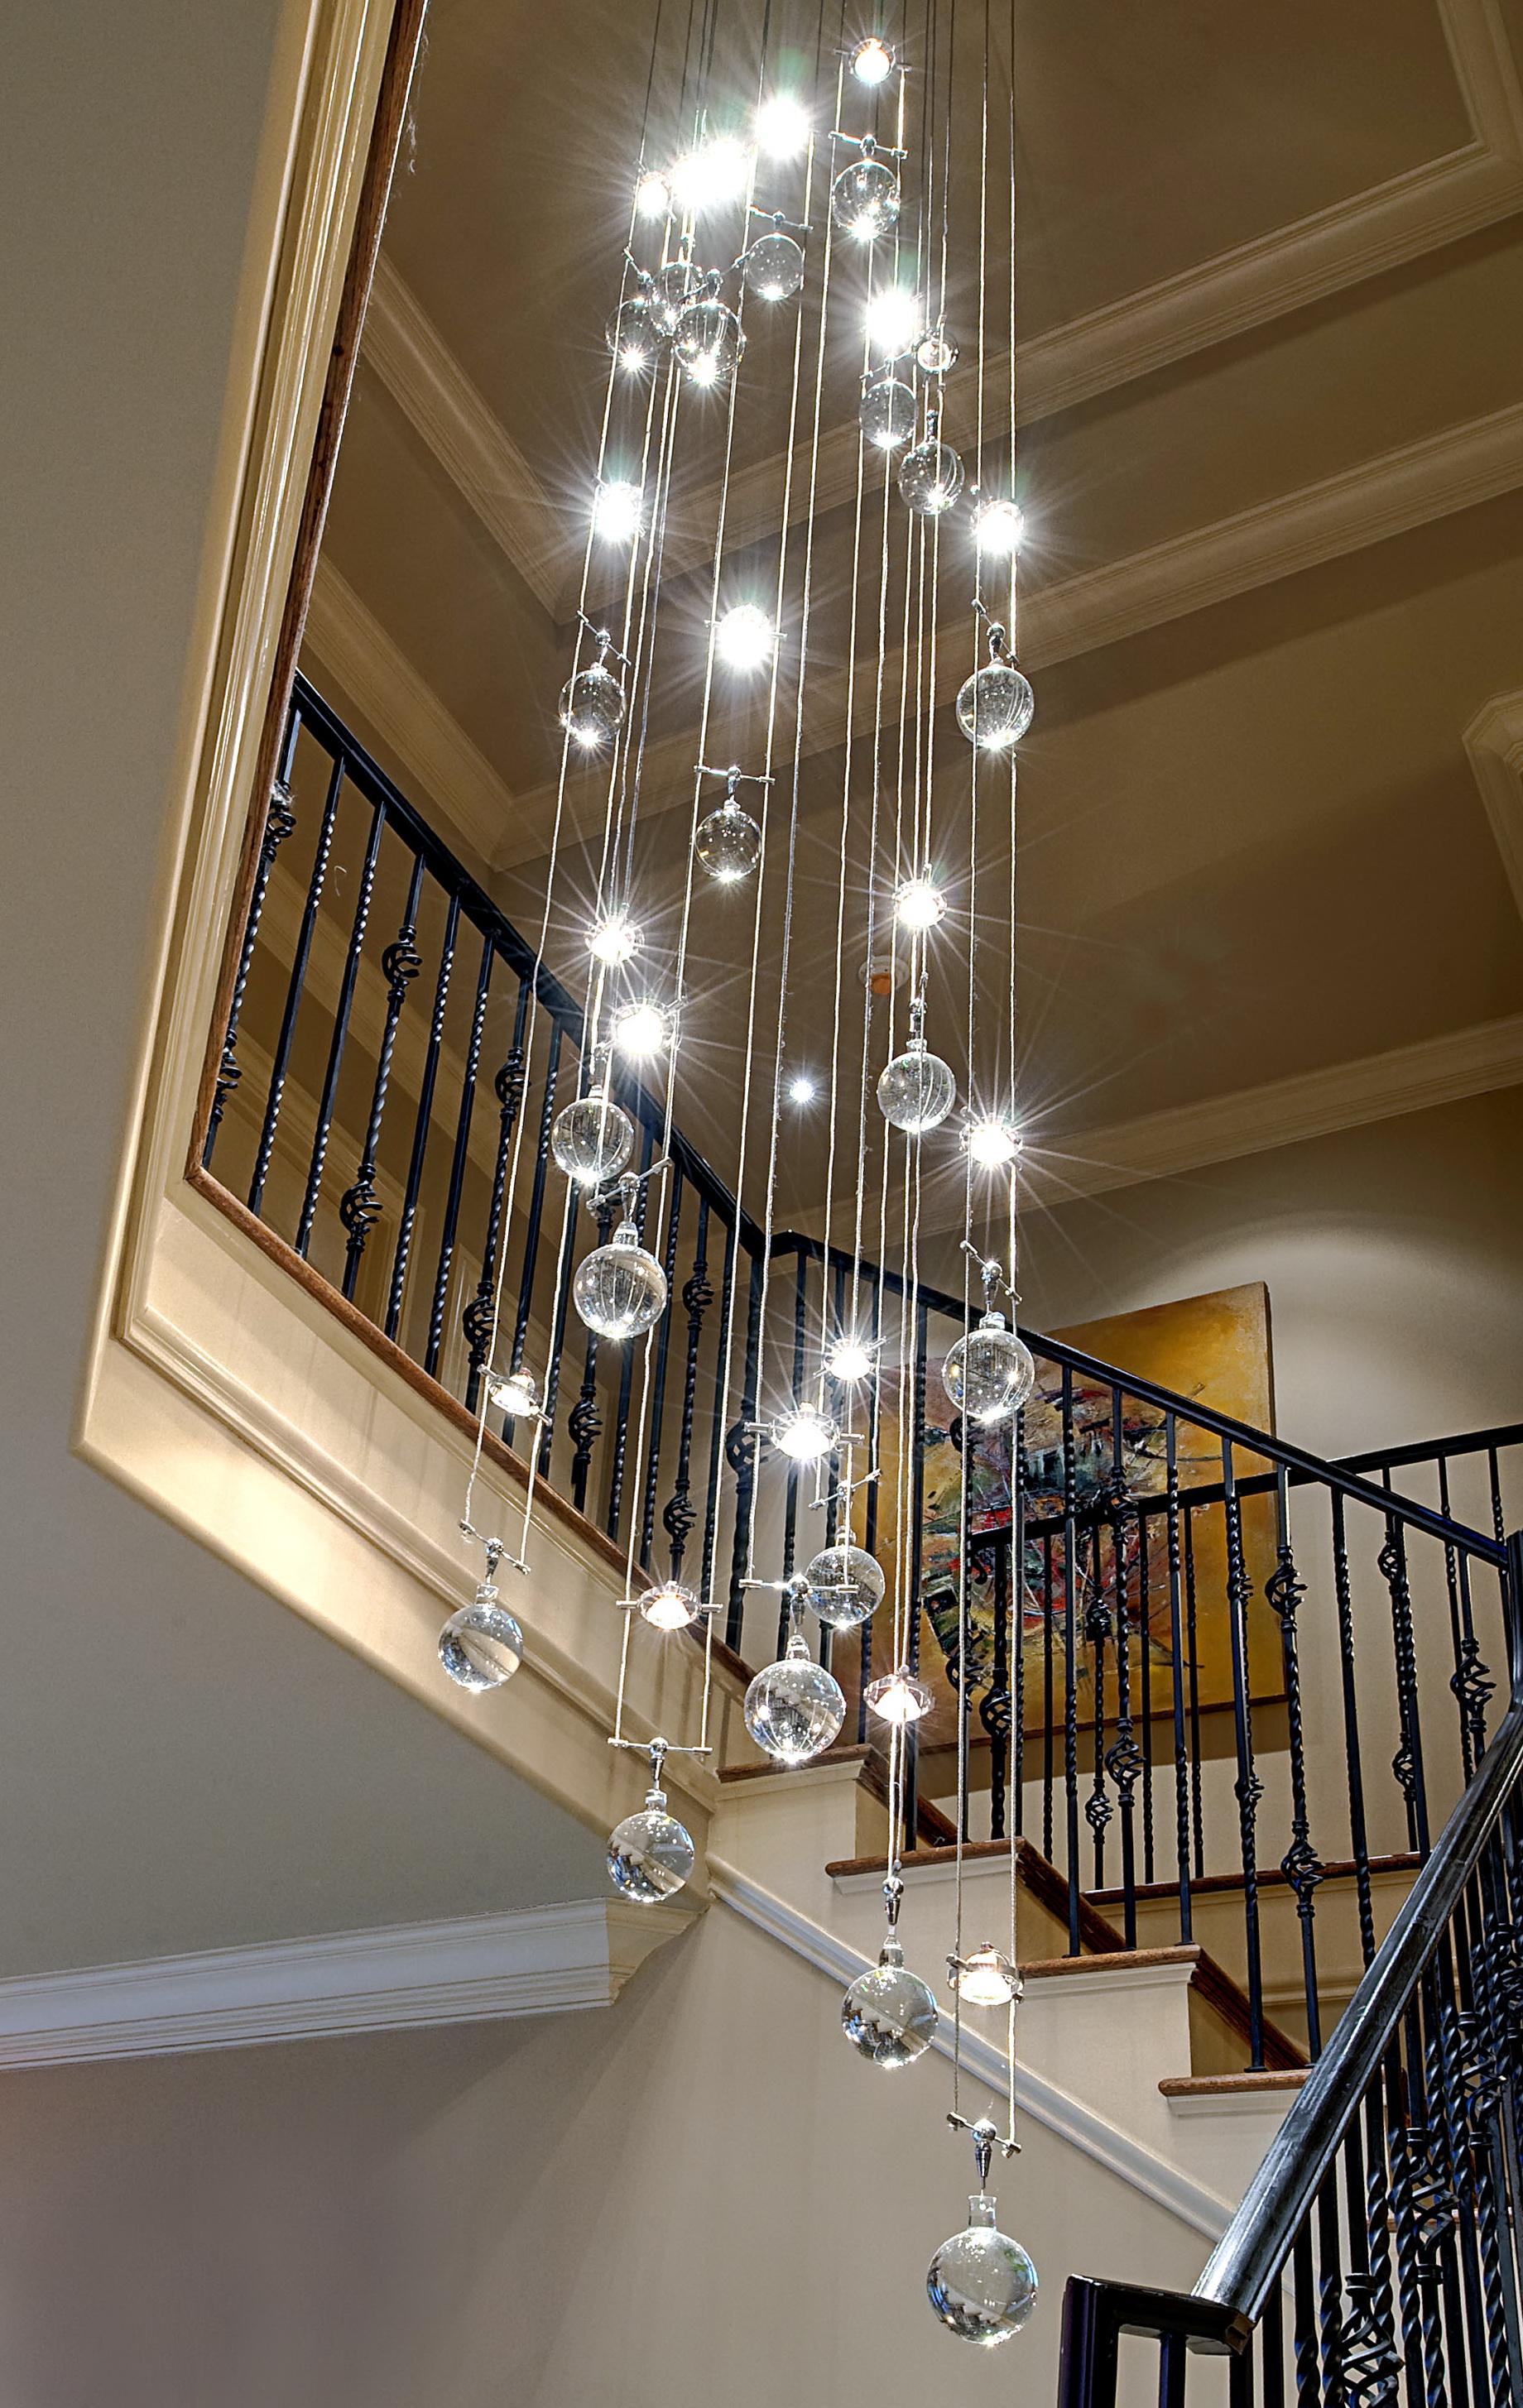 Glass bubble light chandelier home design ideas glass bubble light chandelier arubaitofo Image collections